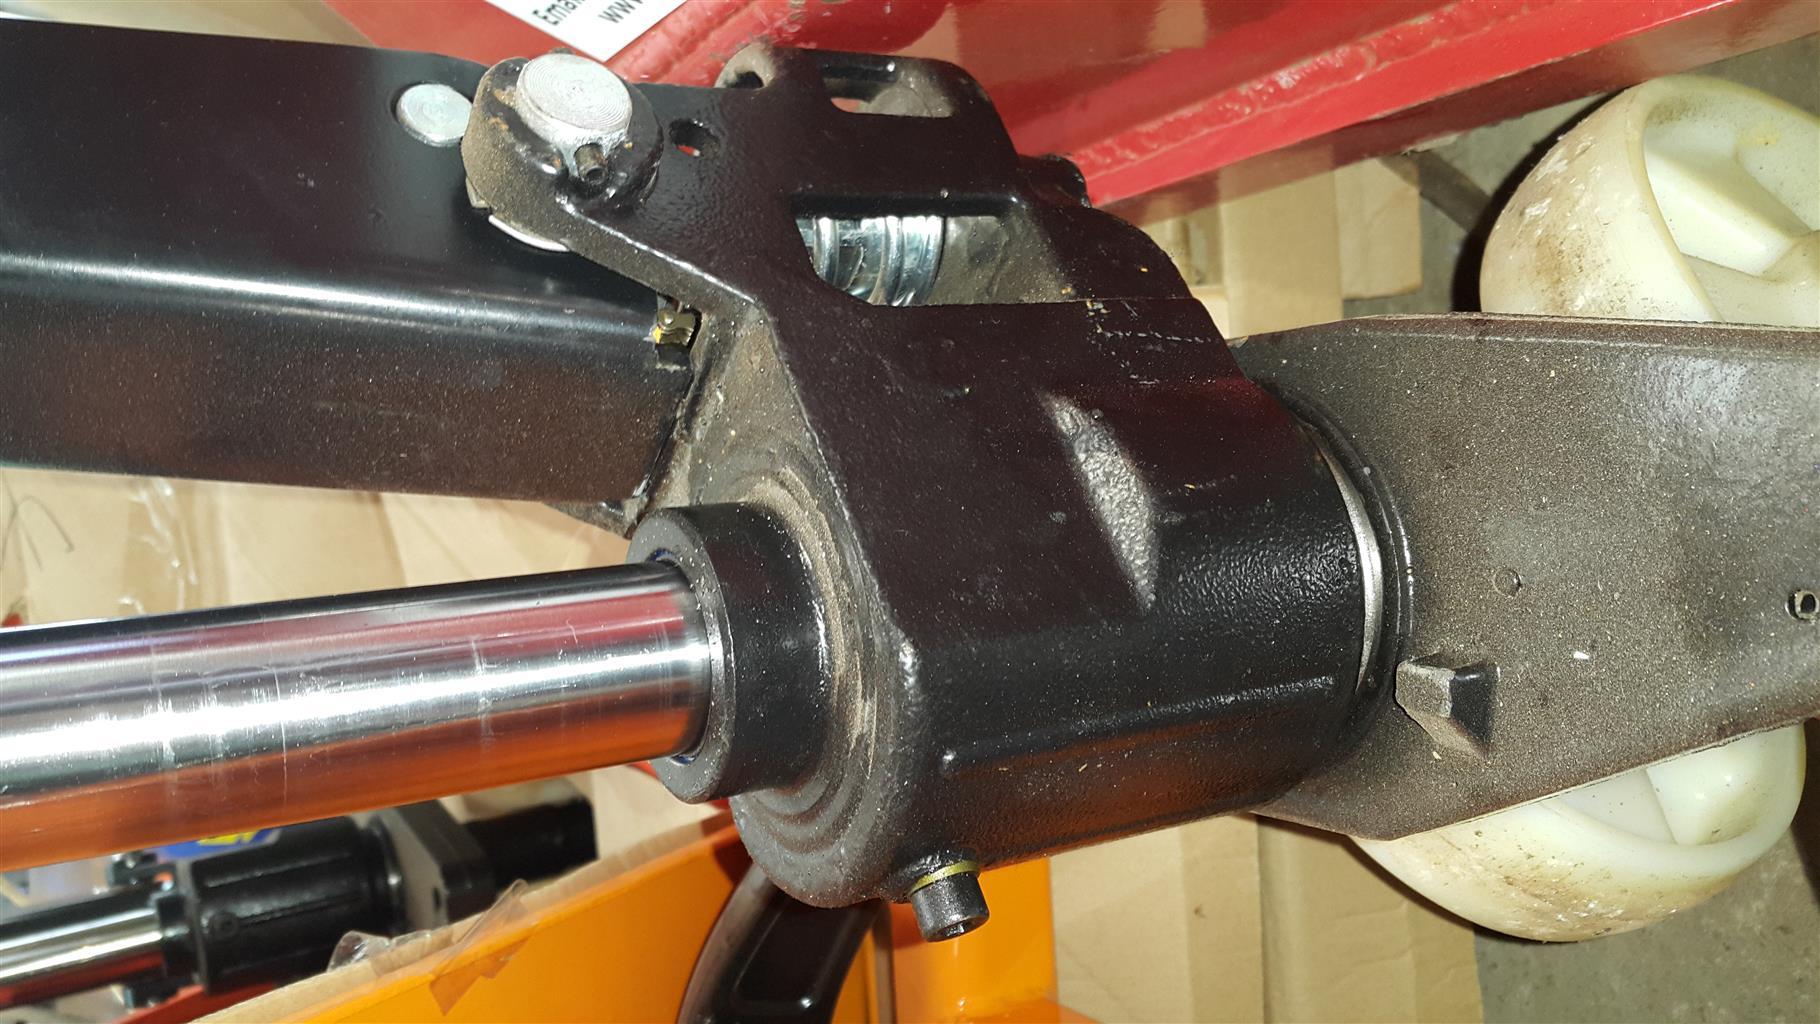 pallet jack replacement pumps